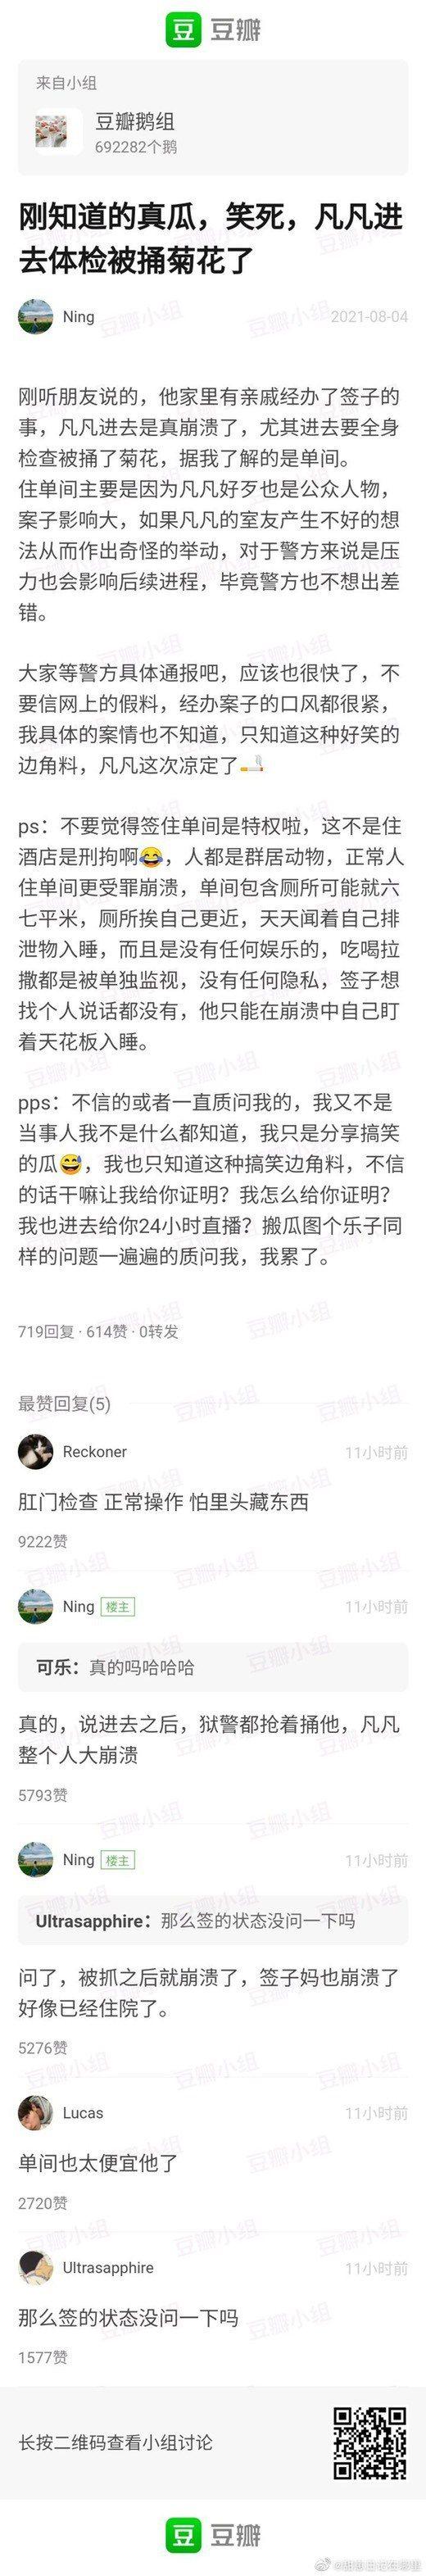 吳亦凡被爆在獄中細節。圖/摘自微博